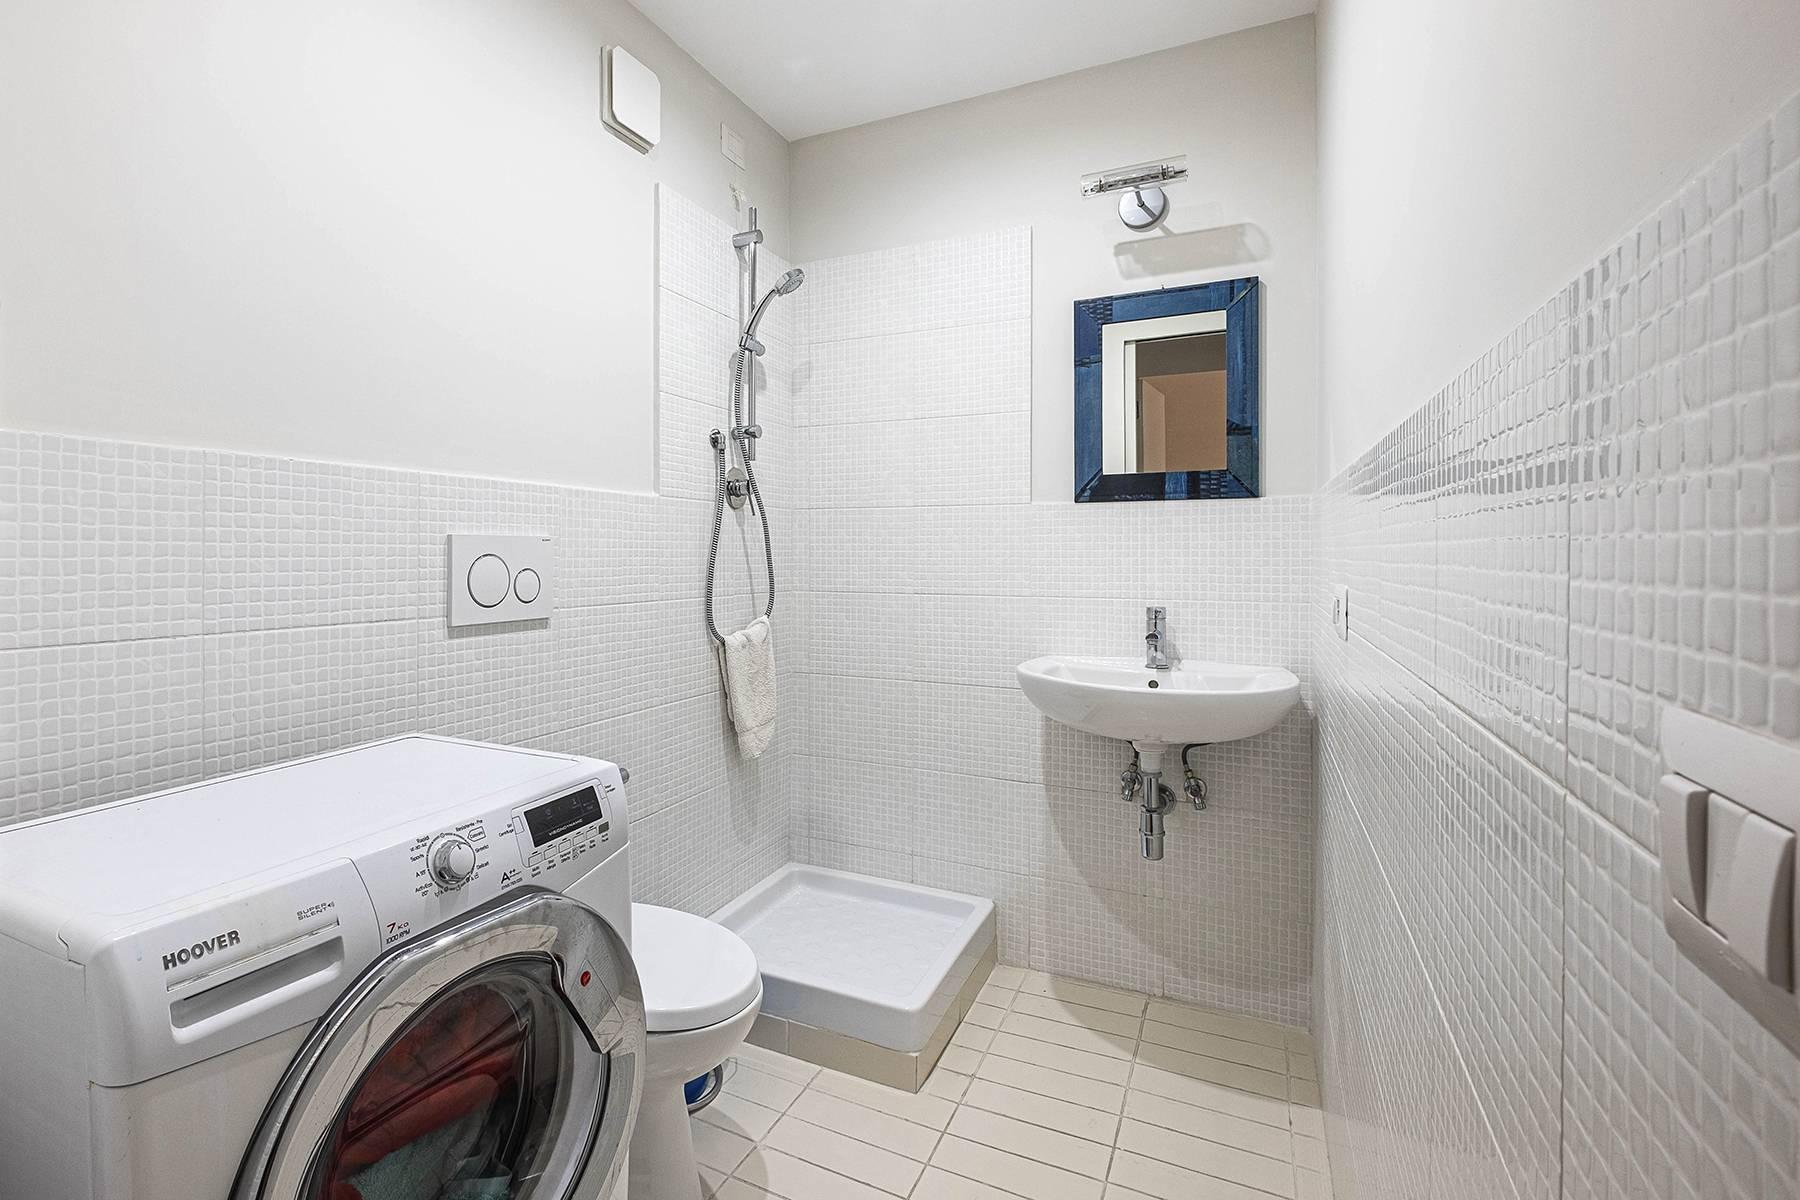 Appartamento in Vendita a Roma: 4 locali, 115 mq - Foto 17